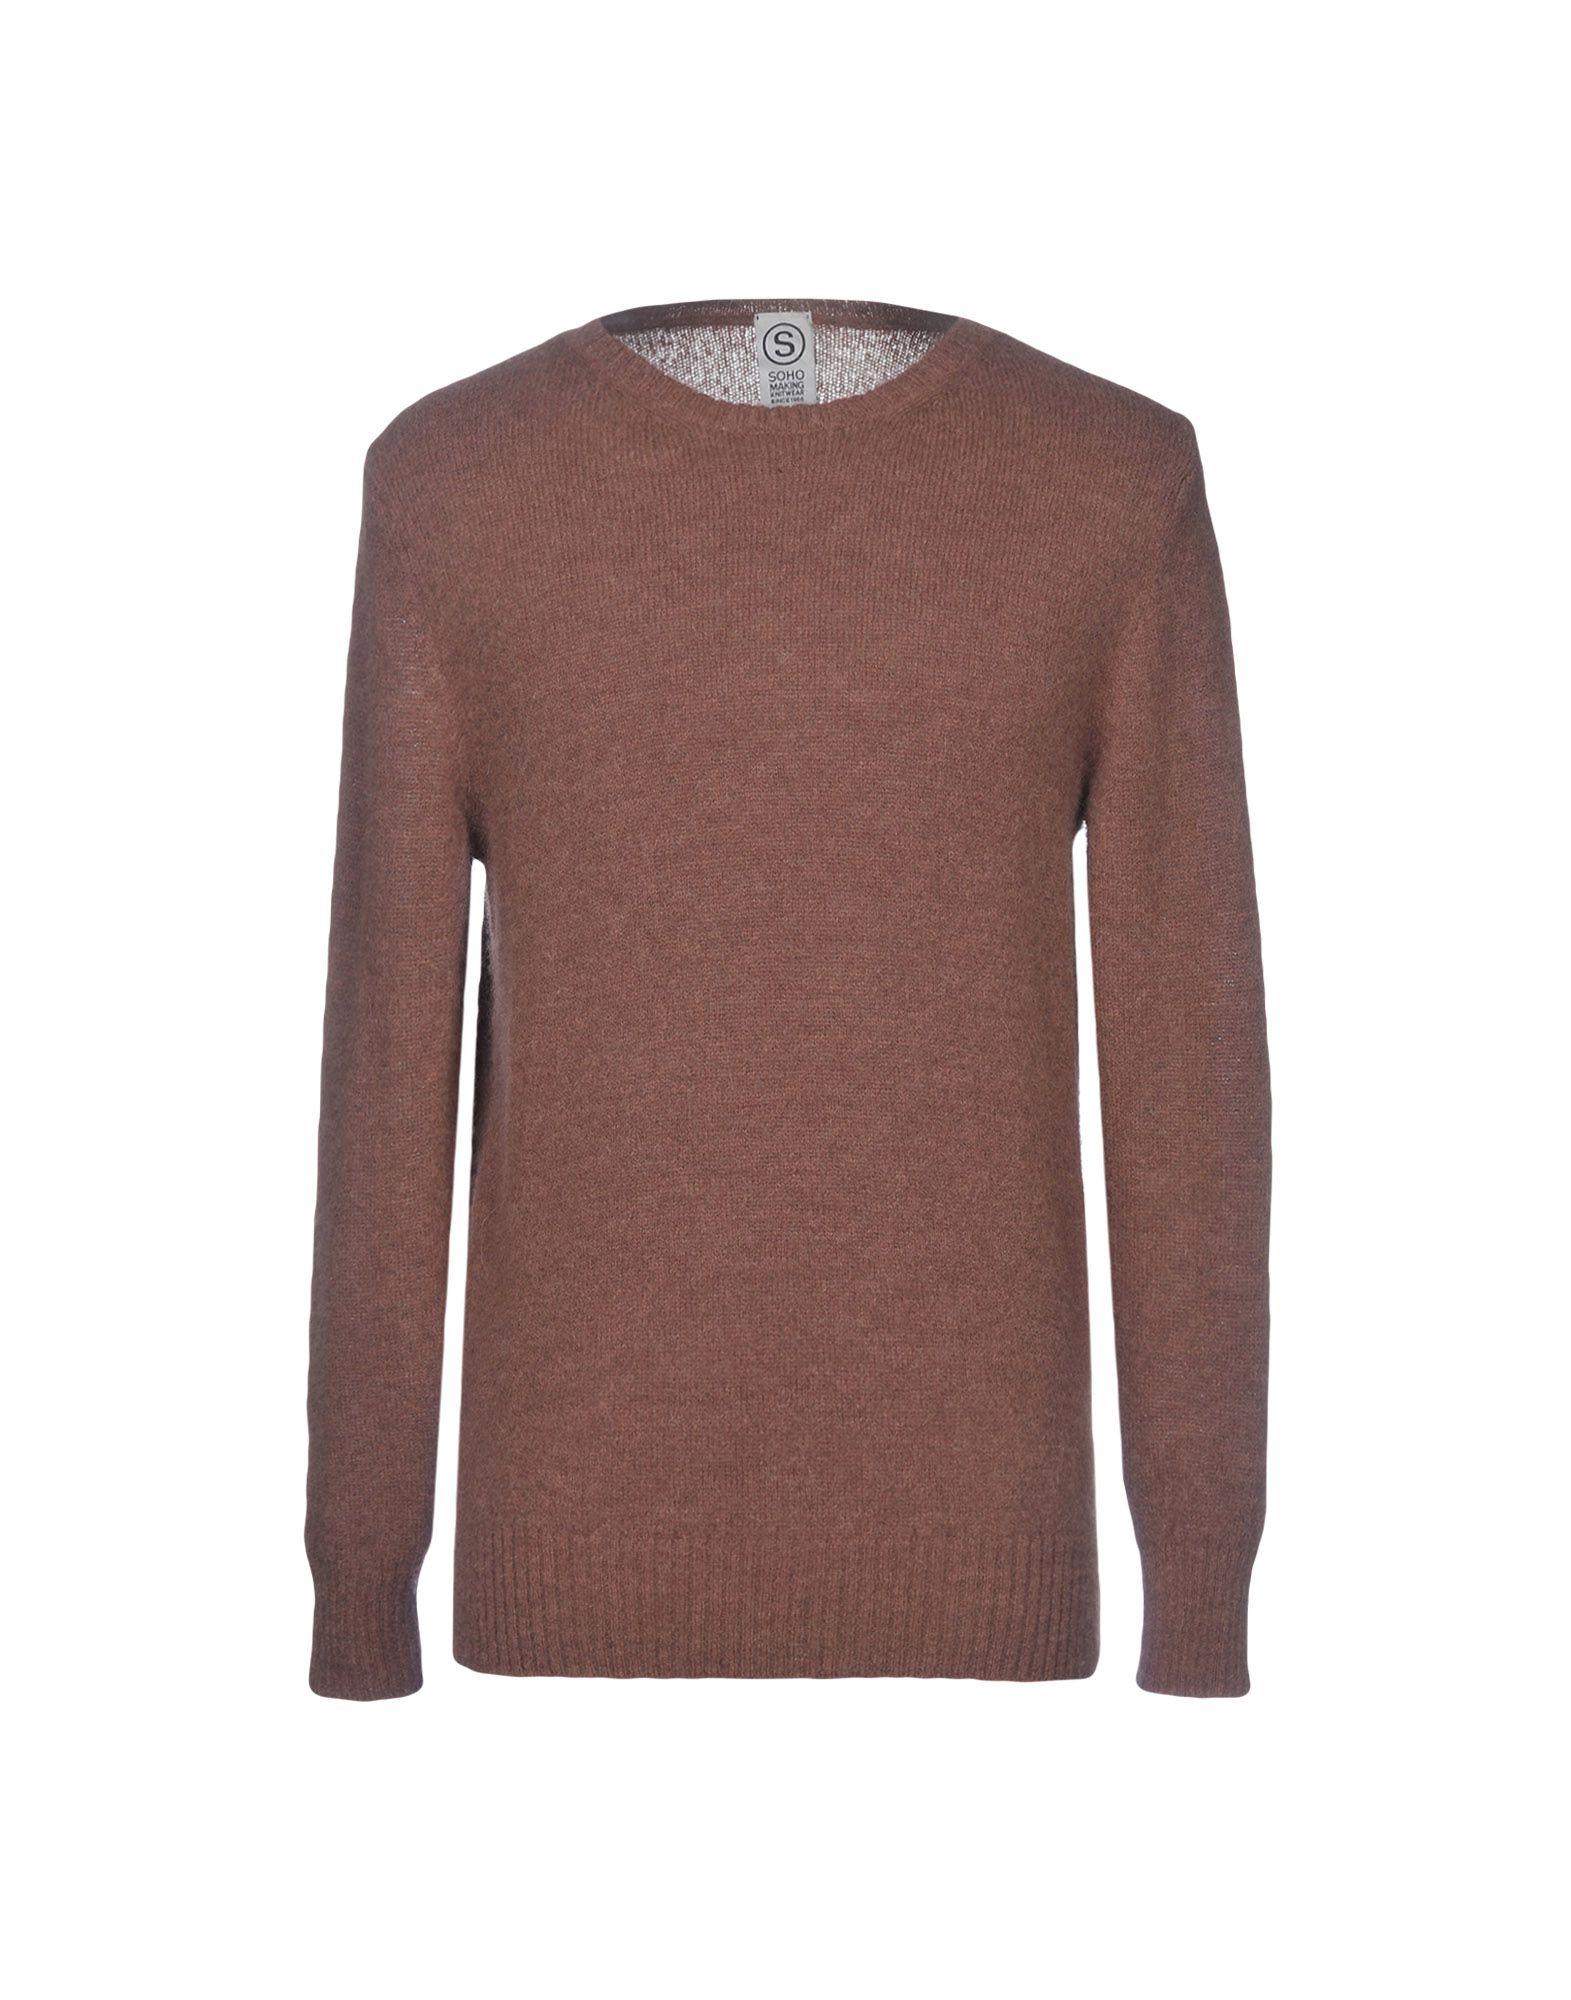 SOHO Sweater in Dove Grey